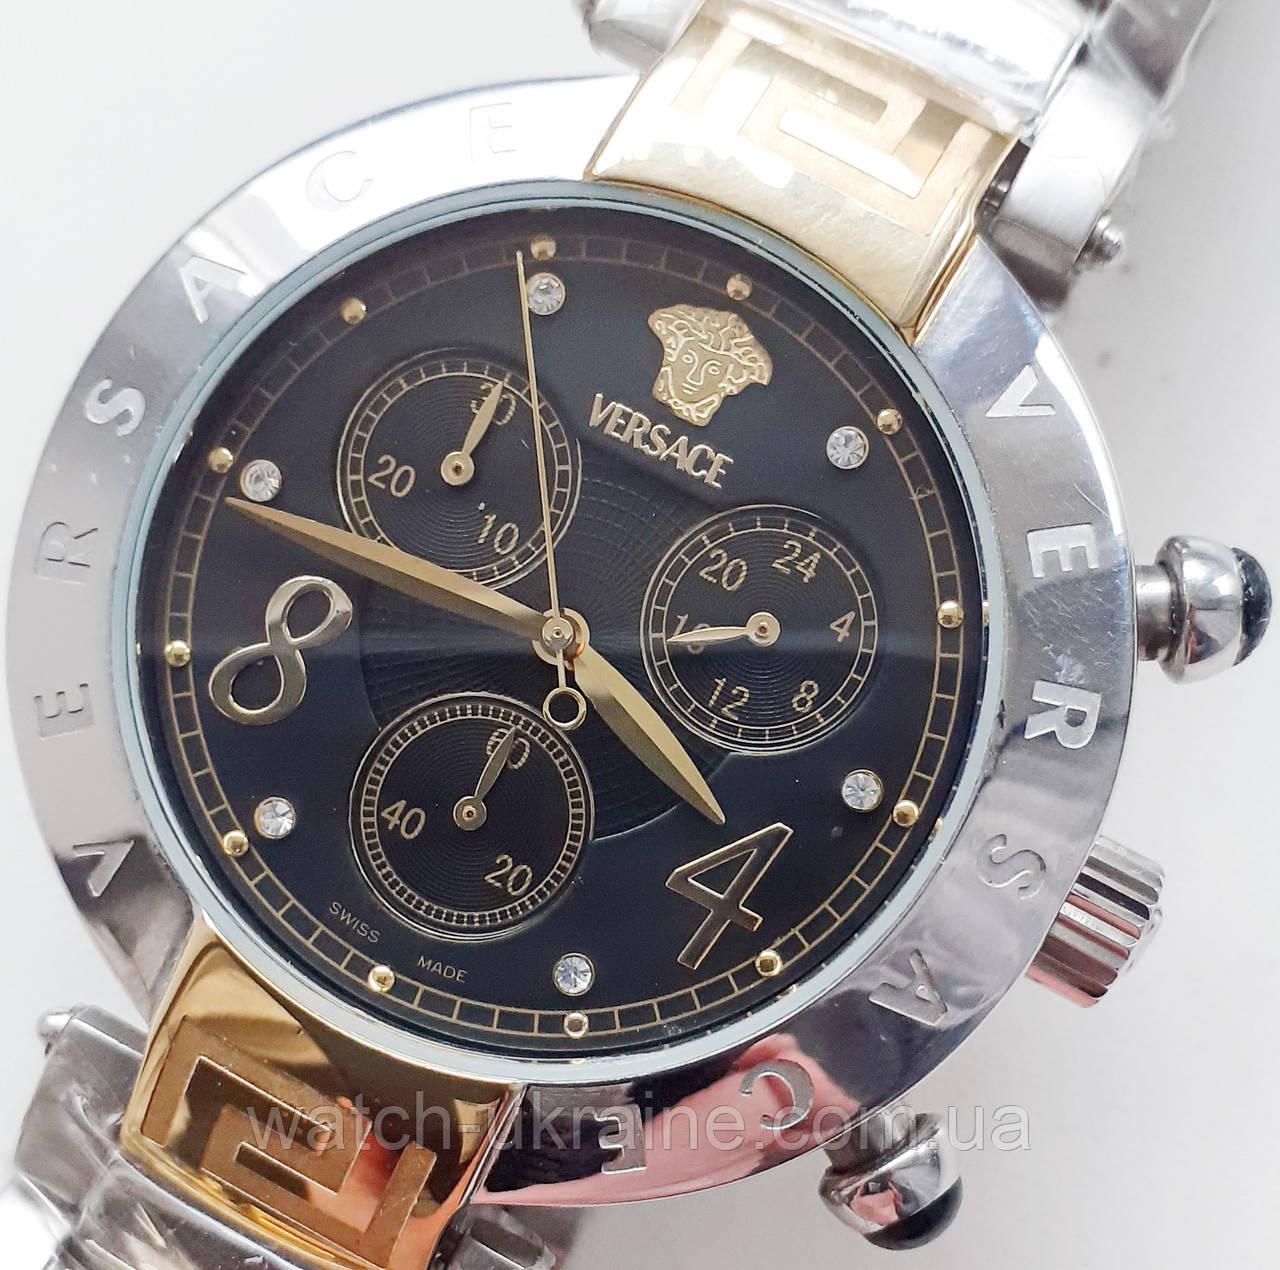 Часы женские Versace Reve Chrono